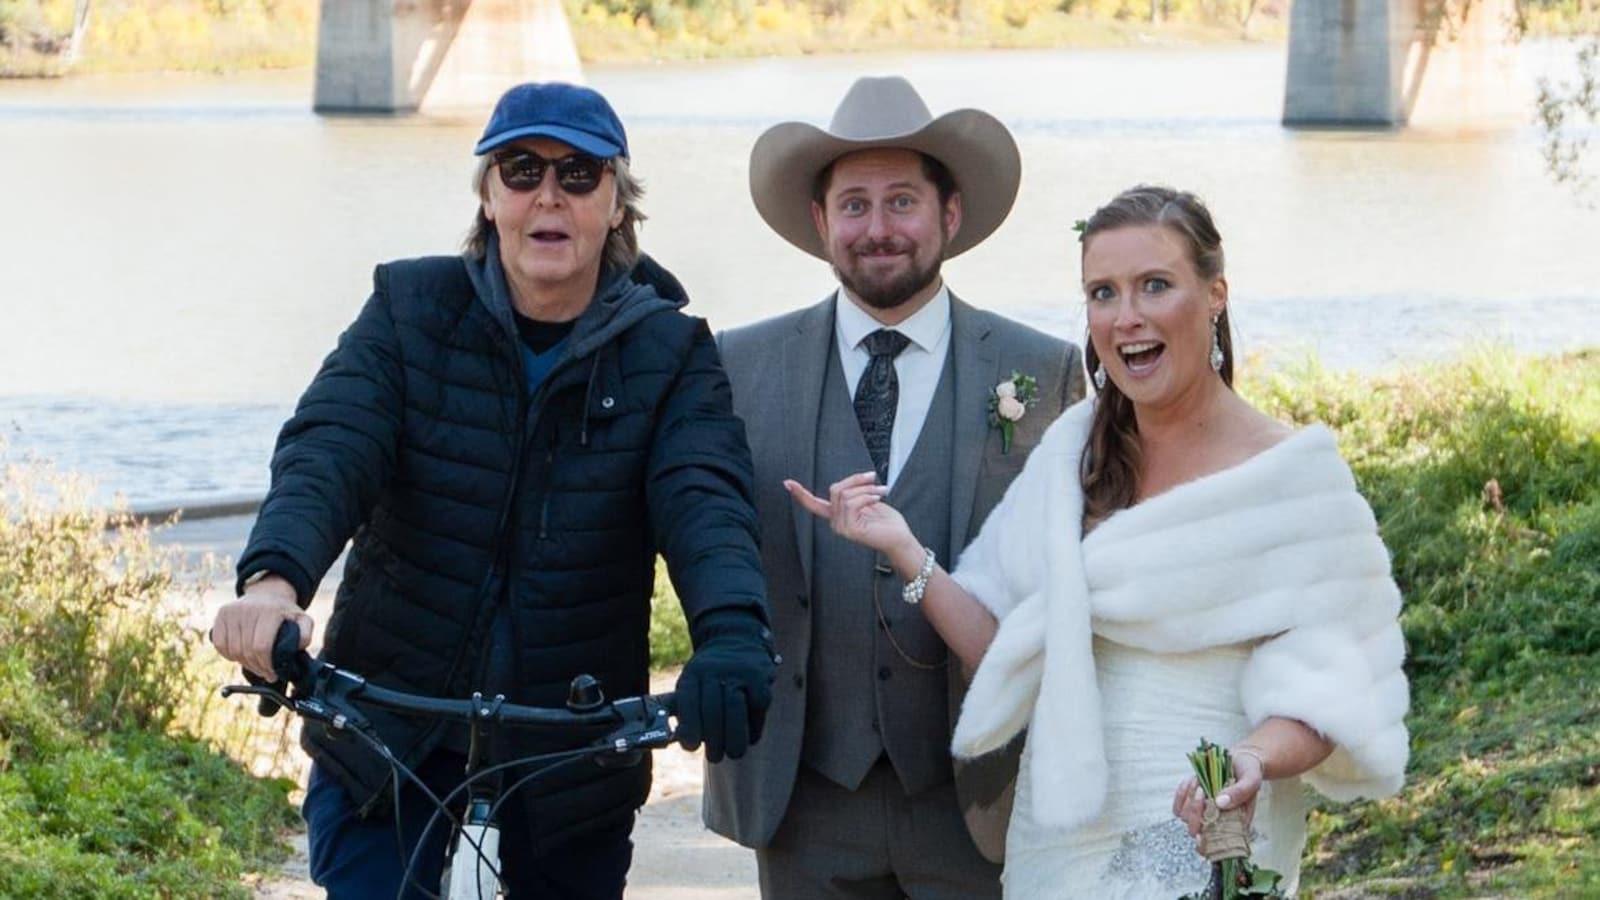 Un homme sur une bicyclette, un homme en habit avec un chapeau de cowboy et une femme en robe de mariée devant une rivière et un pont.